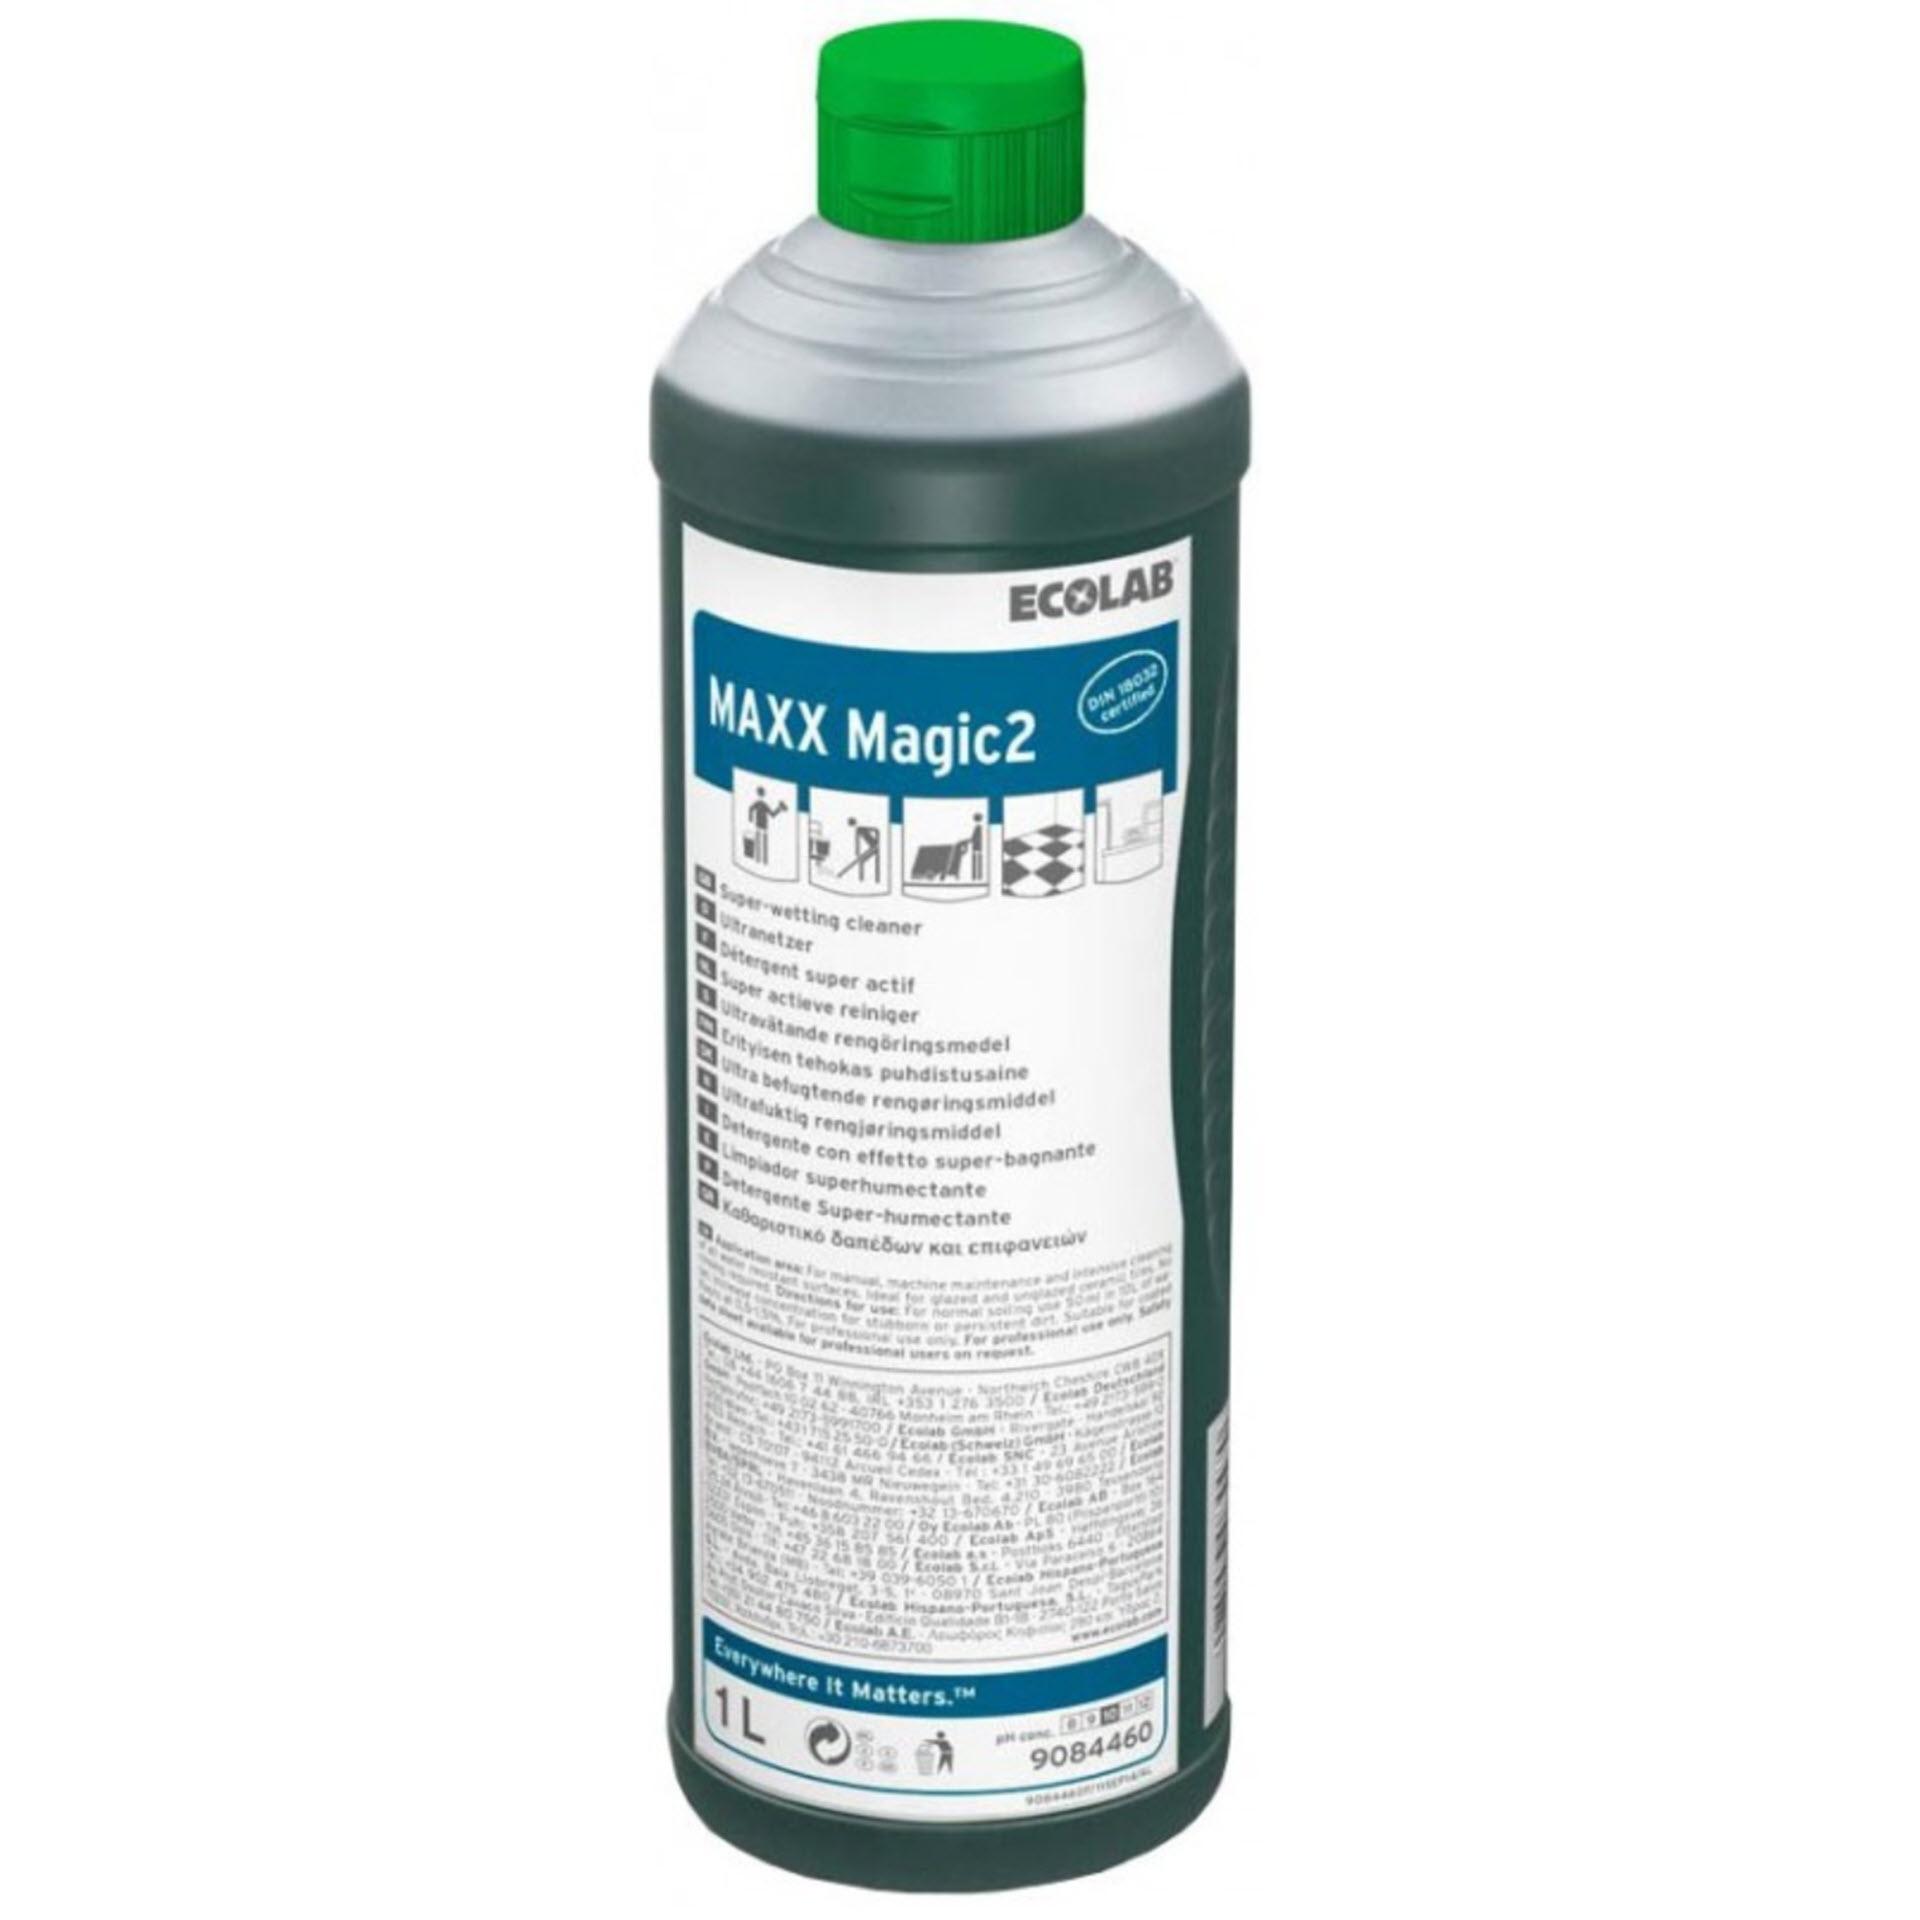 Ecolab MAXX Magic 2 Ultranetzender Universalreiniger - 1 Liter Rundflasche